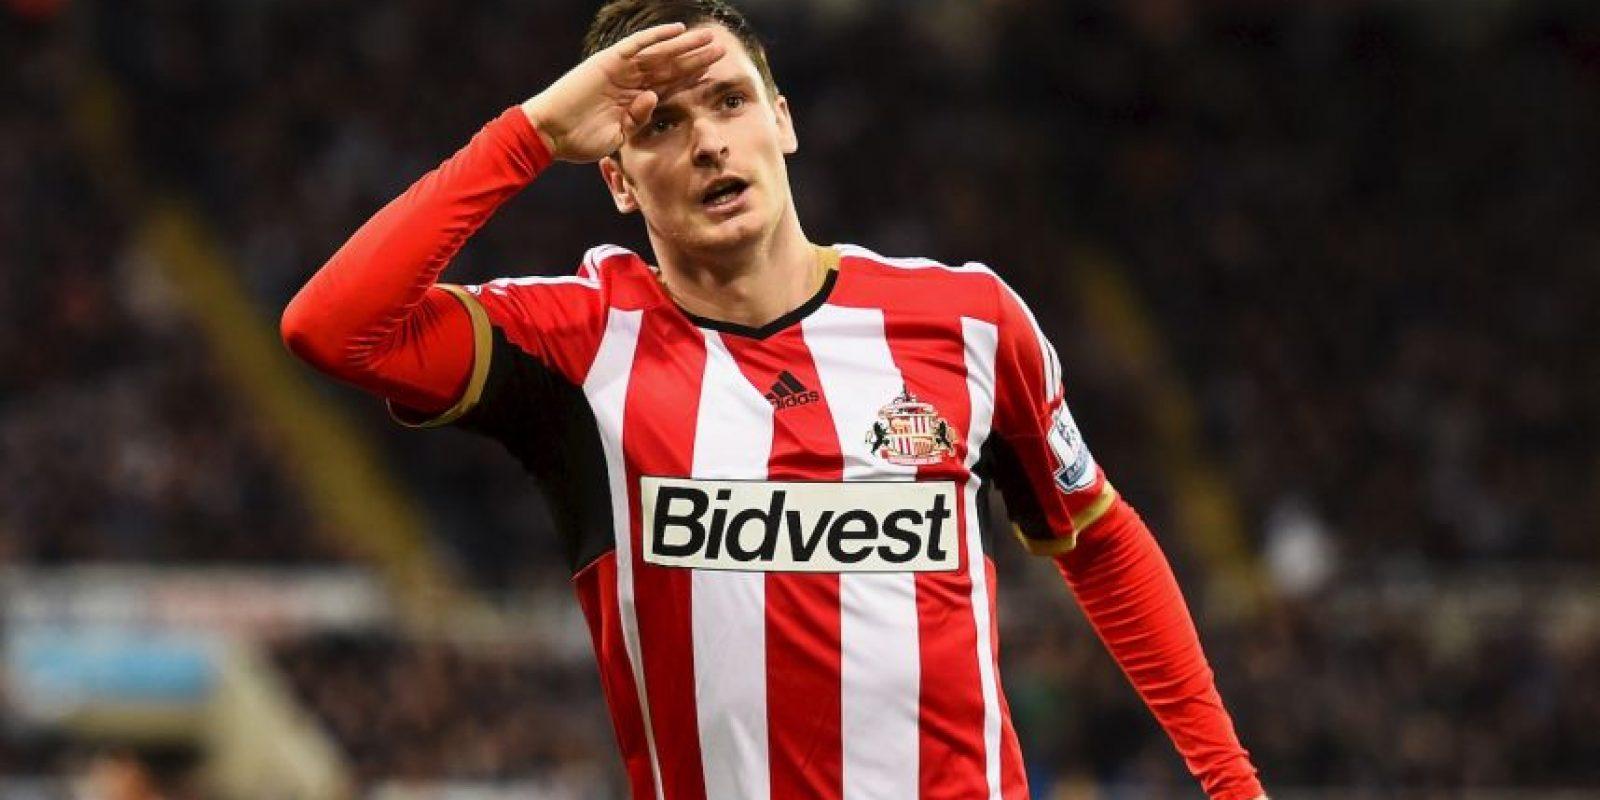 Su equipo actual es el Sunderland de la Premier League. Foto:Getty Images